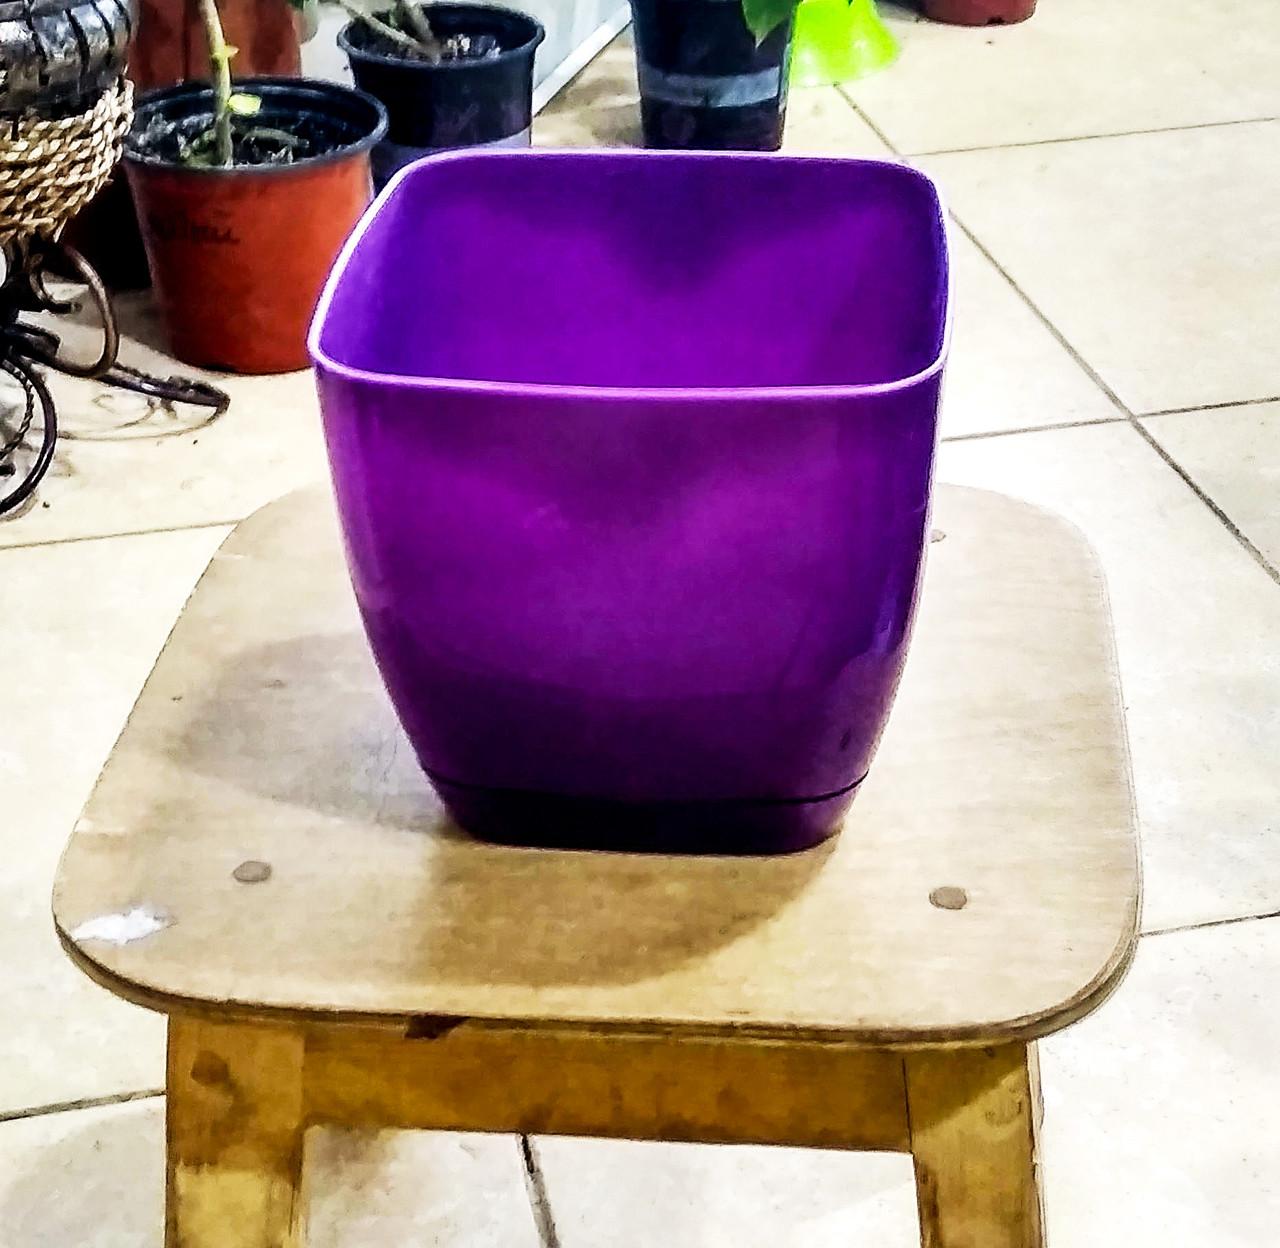 Горшок для цветов. Квадратная Тоскания. 1.7л. Цвет: Фиолетовый.